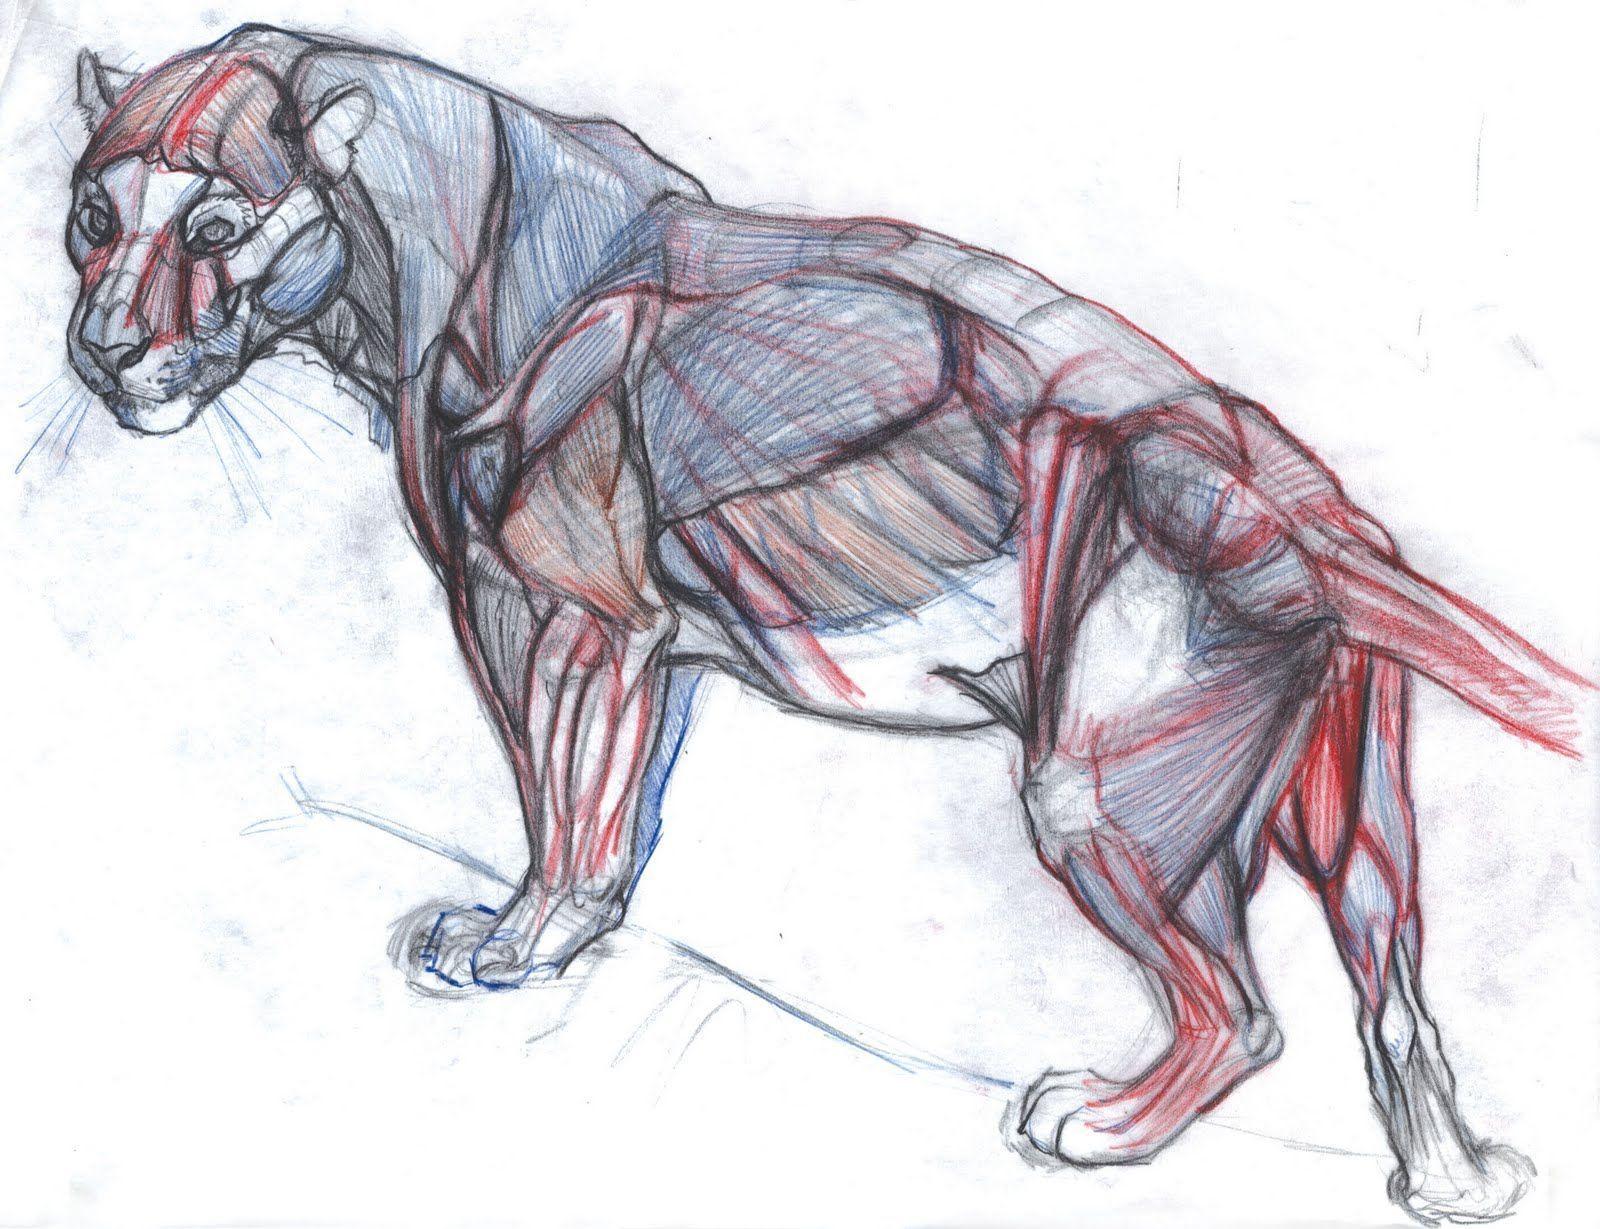 Картинки с анатомии животных